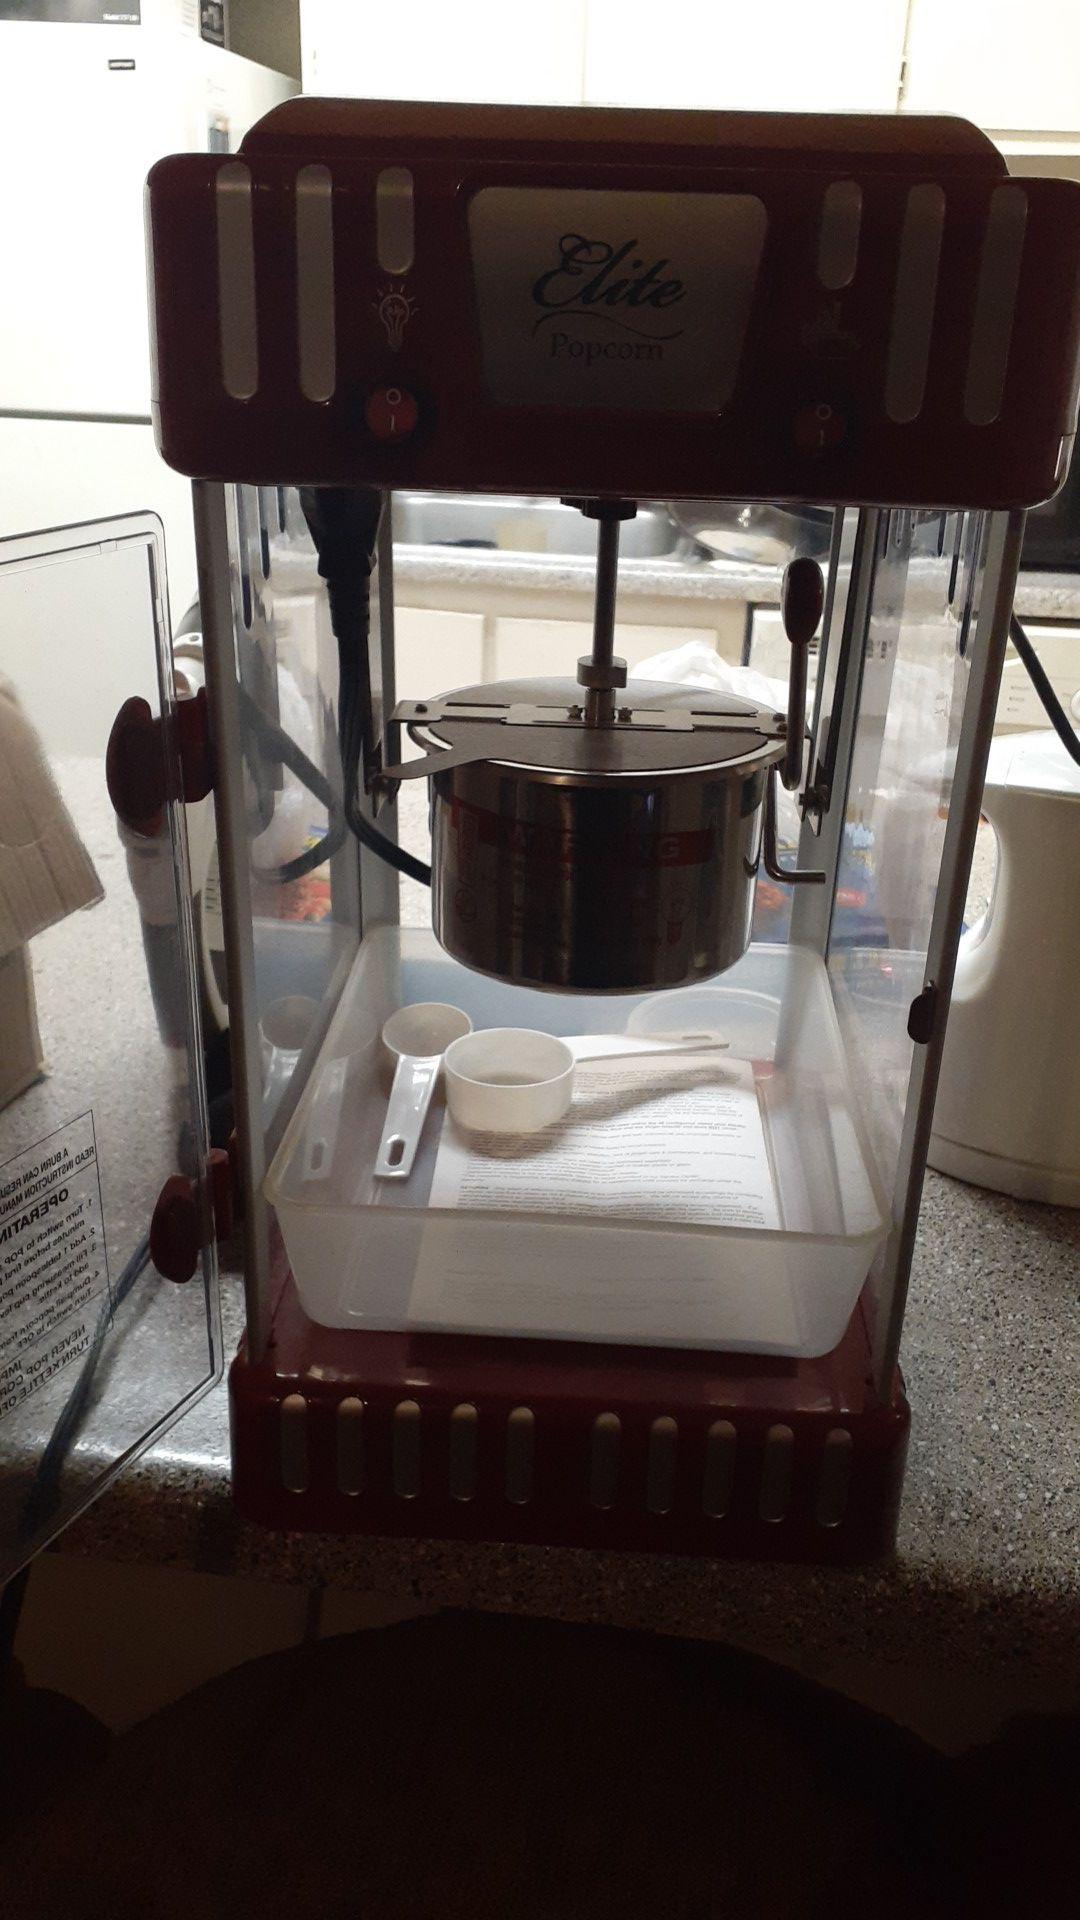 Elite popcorn maker 2.5oz